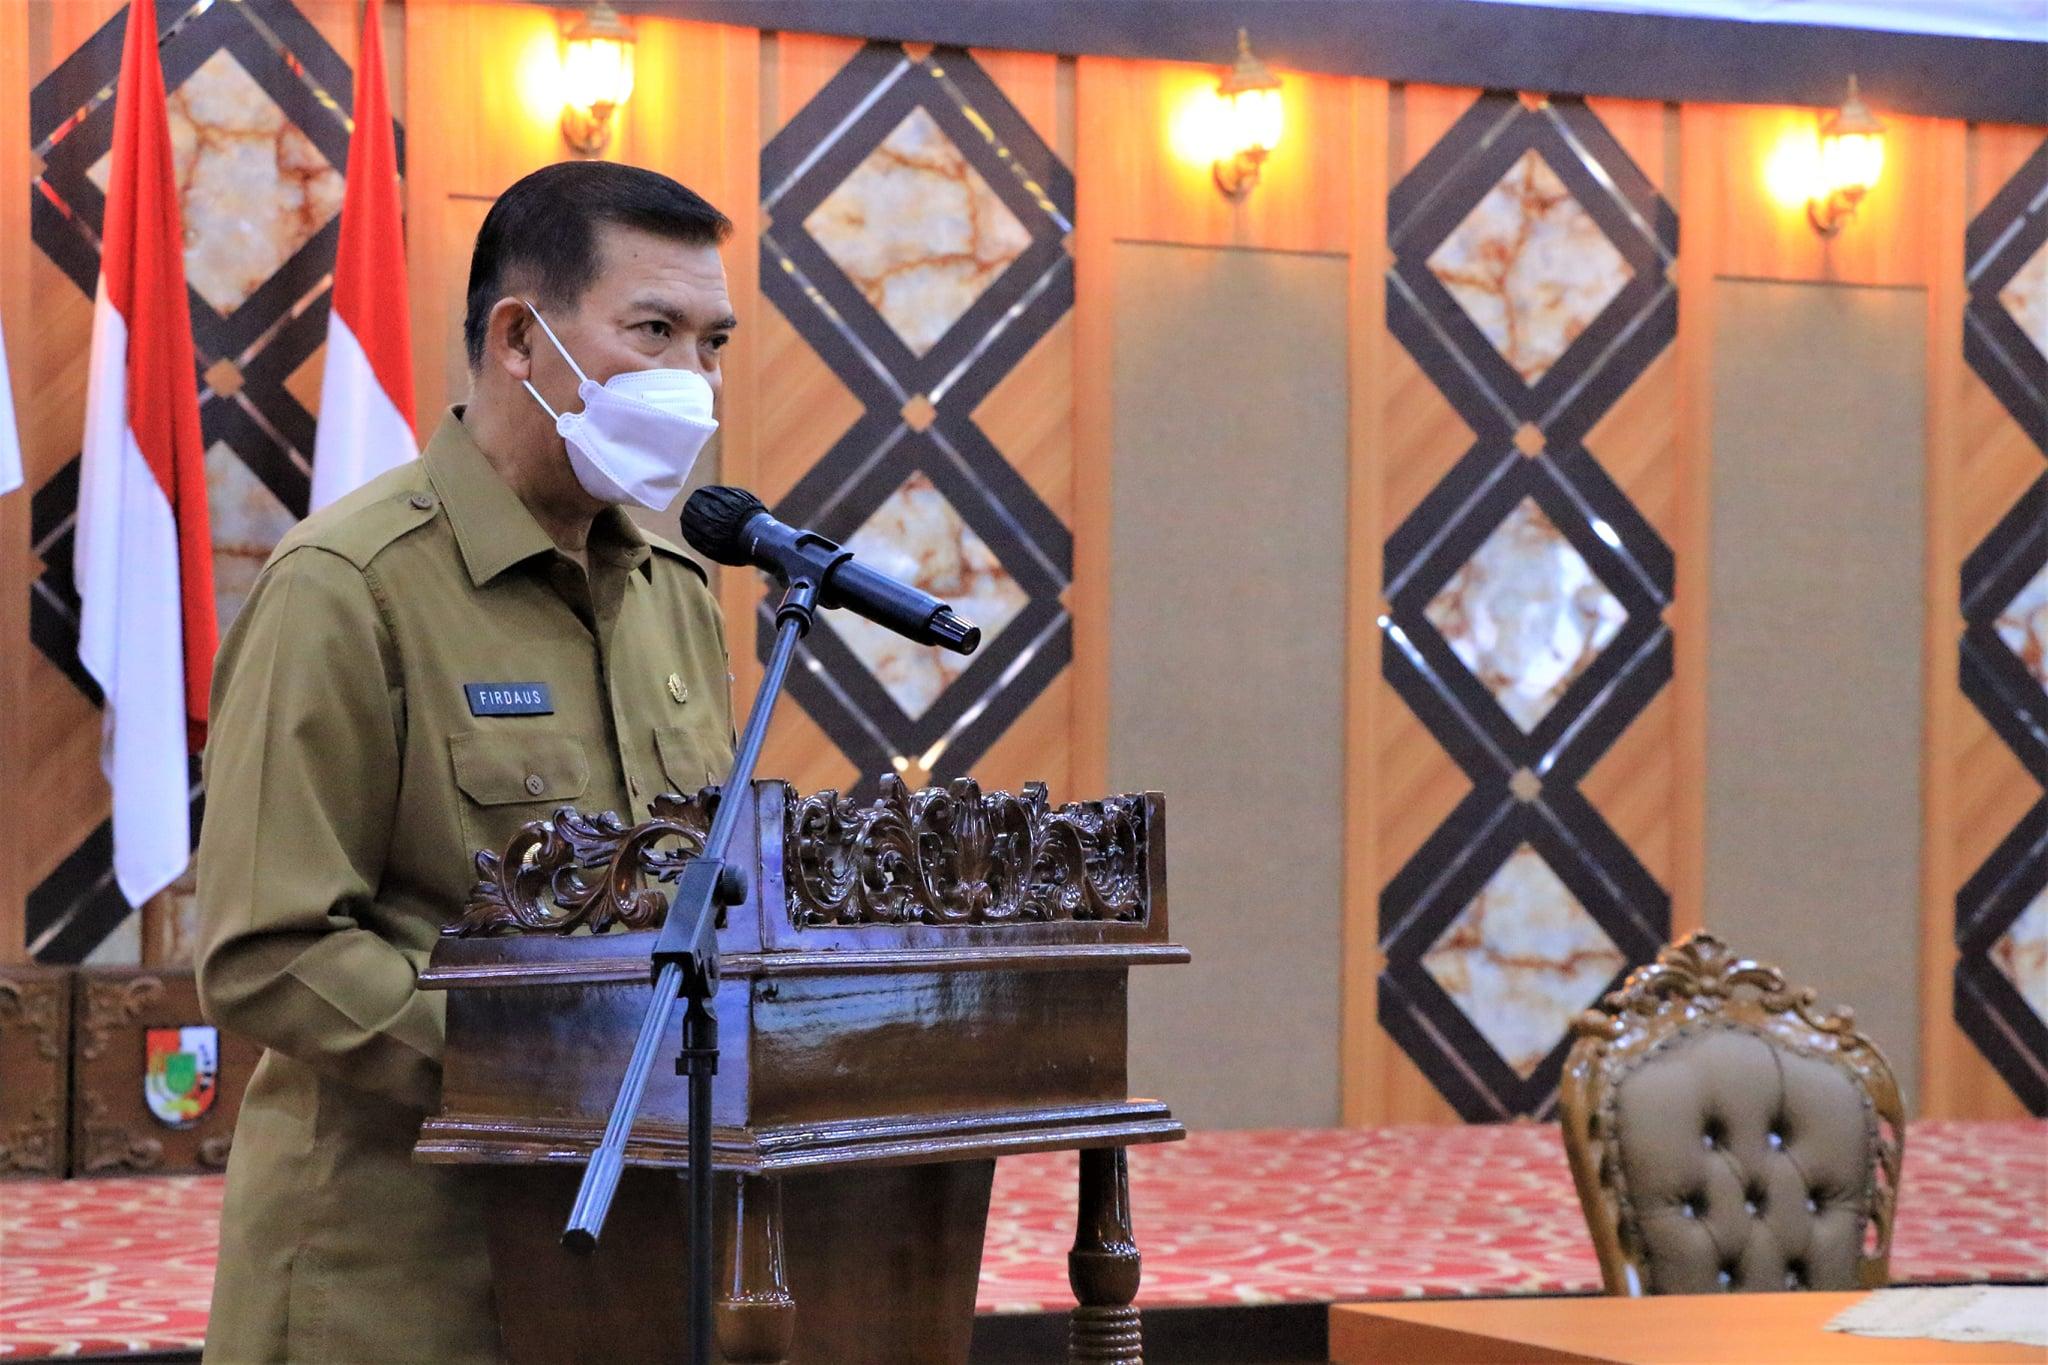 Image : Wali Kota Aktifkan Kembali Rusunawa Rejosari untuk Isolasi Pasien Covid-19